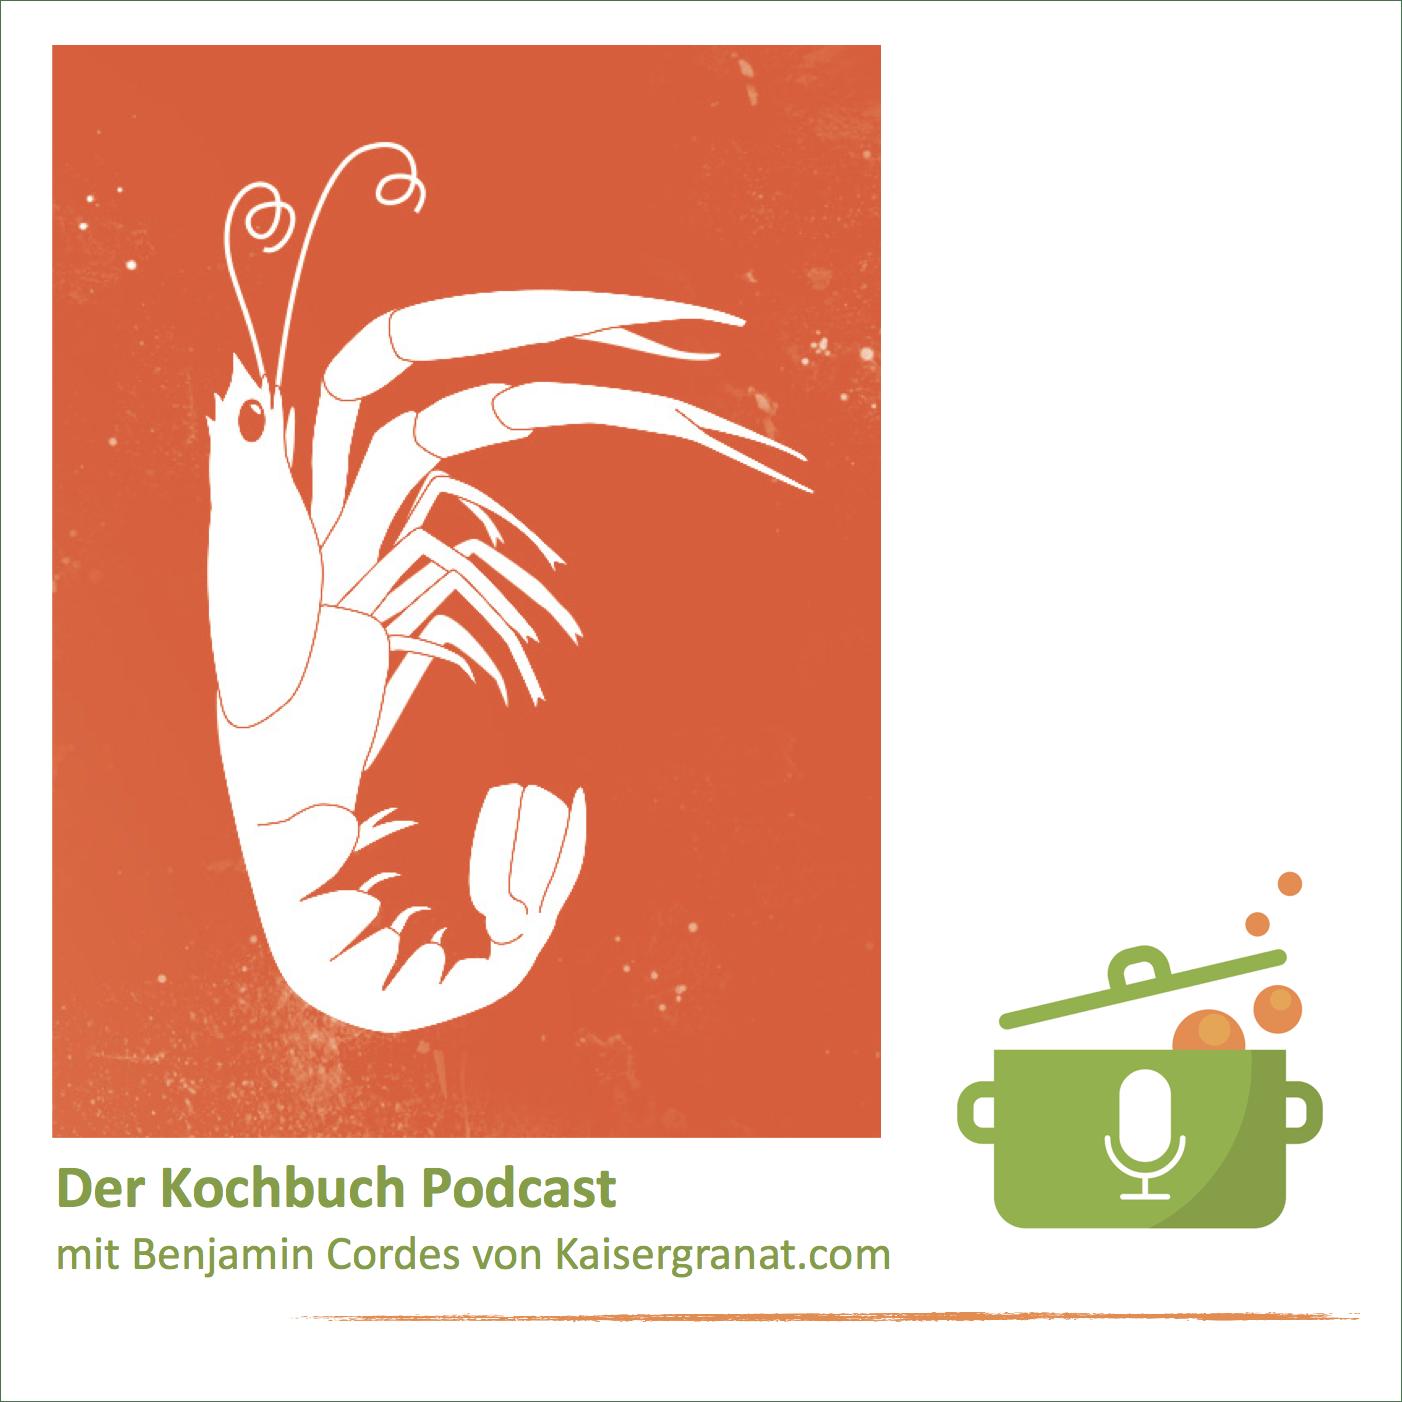 Ich freue mich, dass Kaisergranat.com im Kochbuch Podcast zu Gast ist